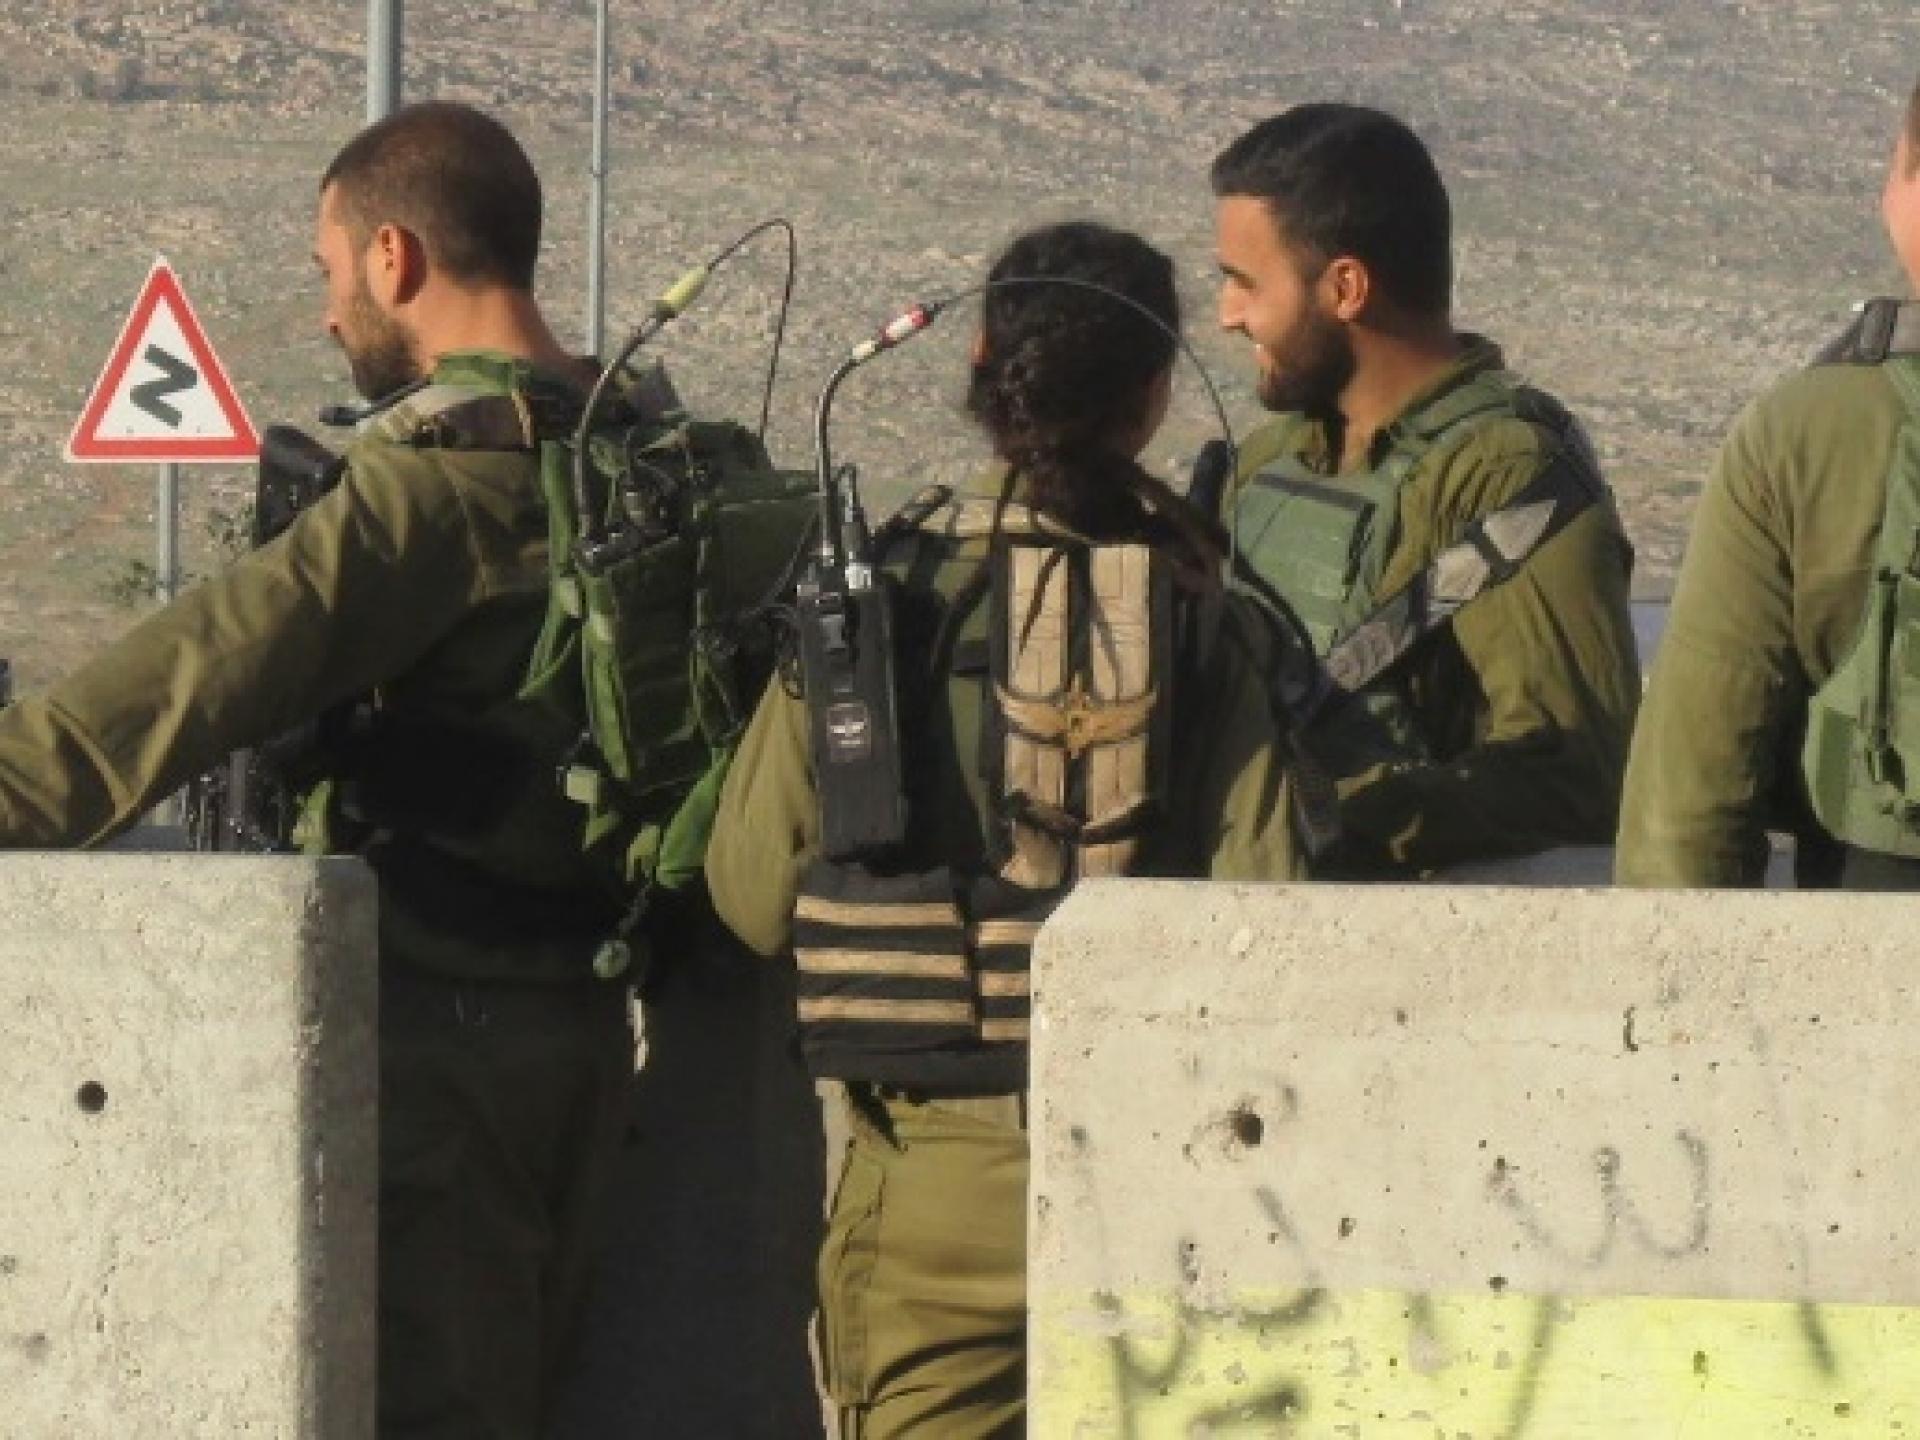 נוכחות צבאית בפתח הכפר חיזמה